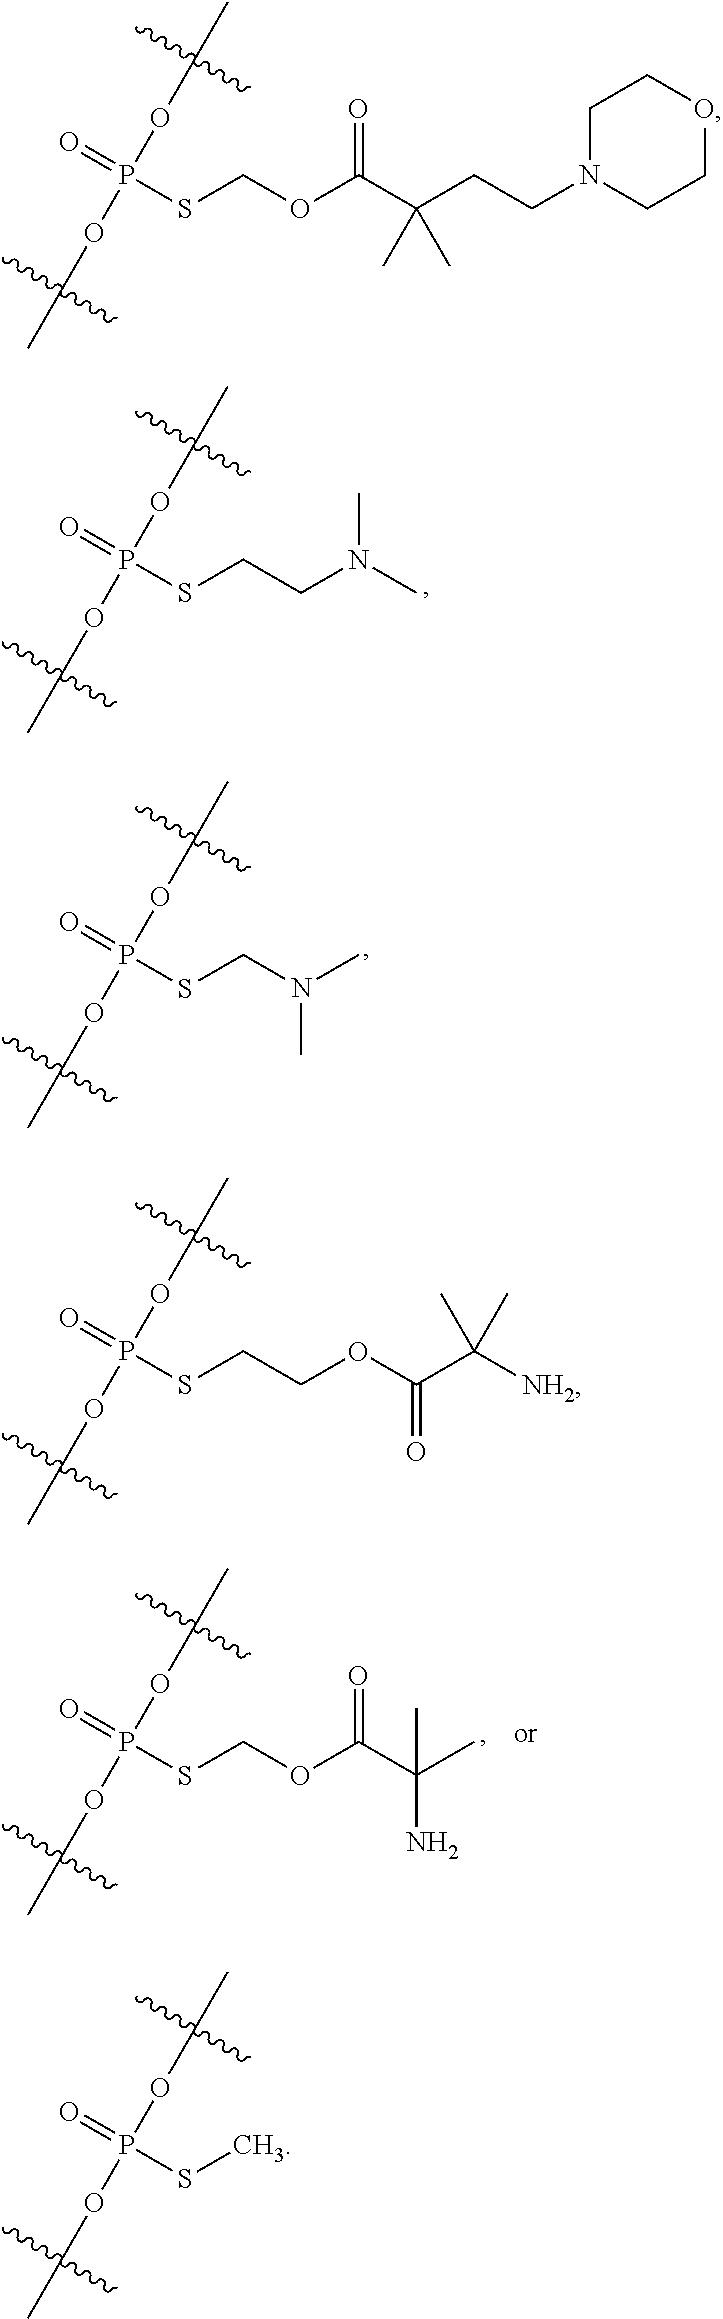 Figure US09982257-20180529-C00173